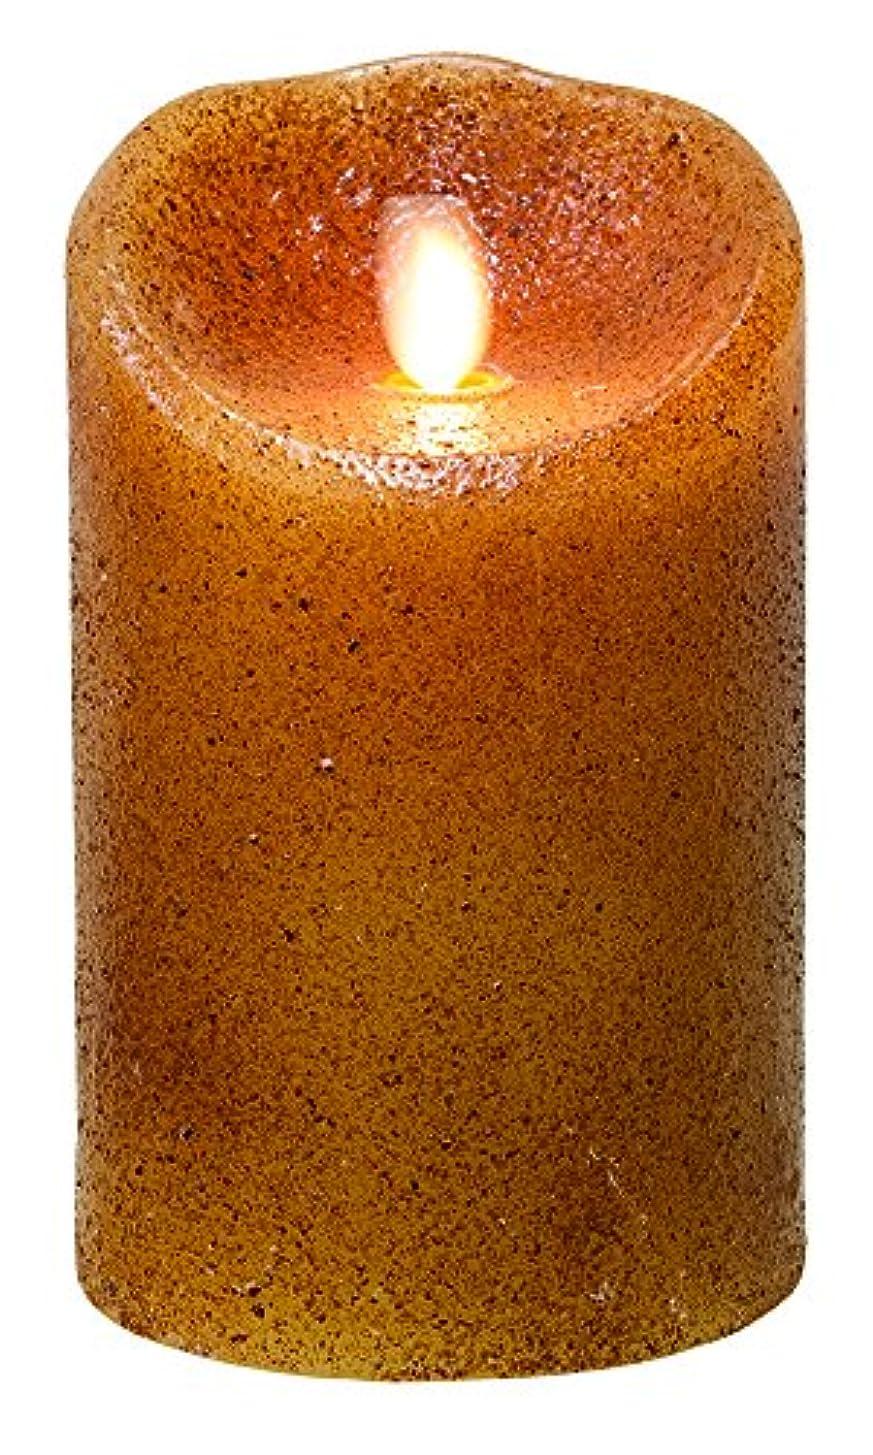 ペデスタル後継努力CWIギフトプリミティブLuminara LED Pillar Candle